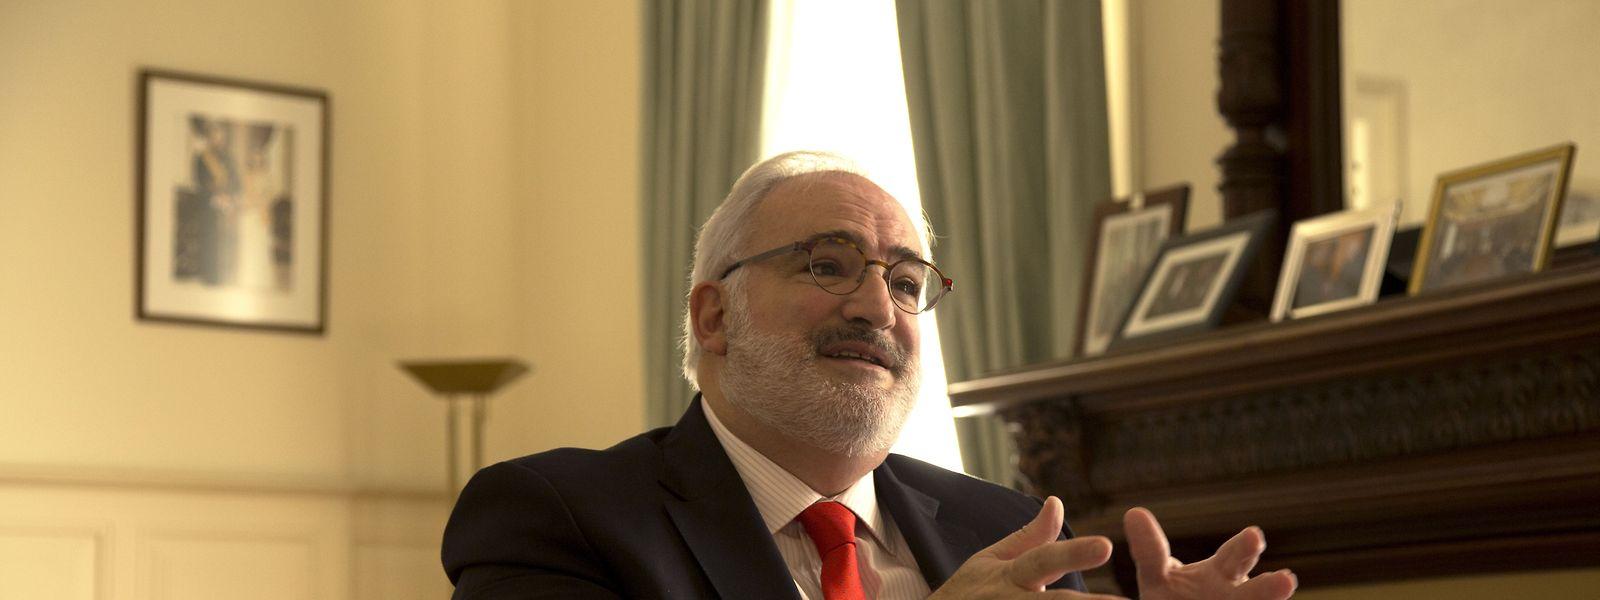 Jean-Jacques Welfring é o embaixador do Luxemburgo em Lisboa deste setembro do ano passado.